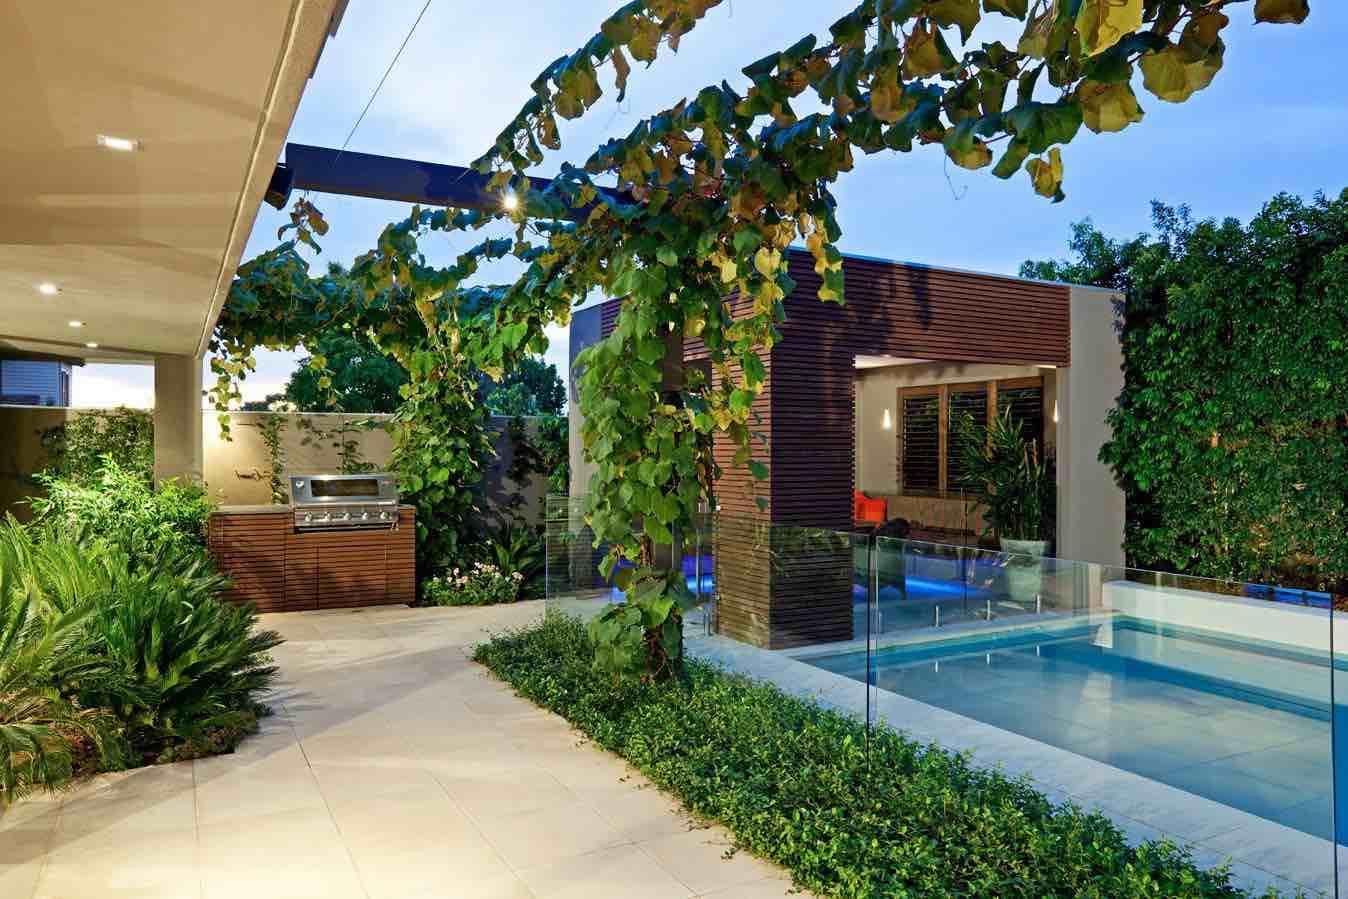 Backyard Ideas For Small Yard  Small Backyard Home Design Idea